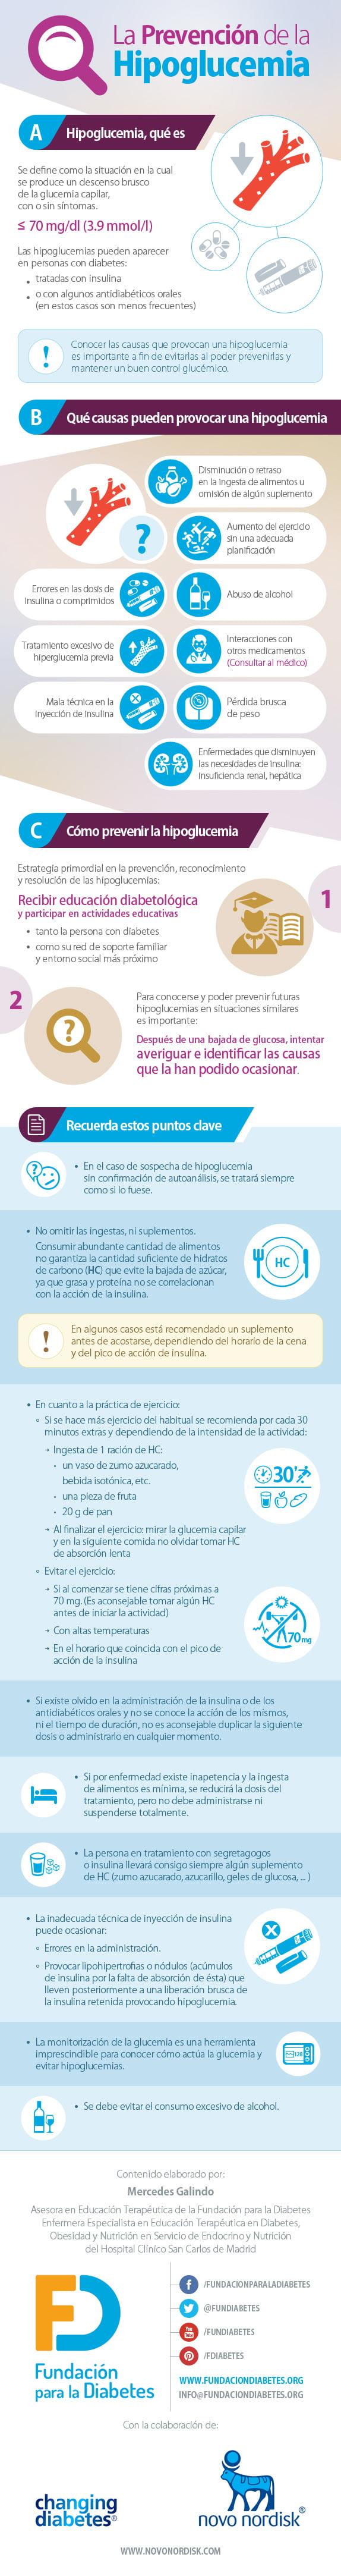 Infografía hipoglucemia